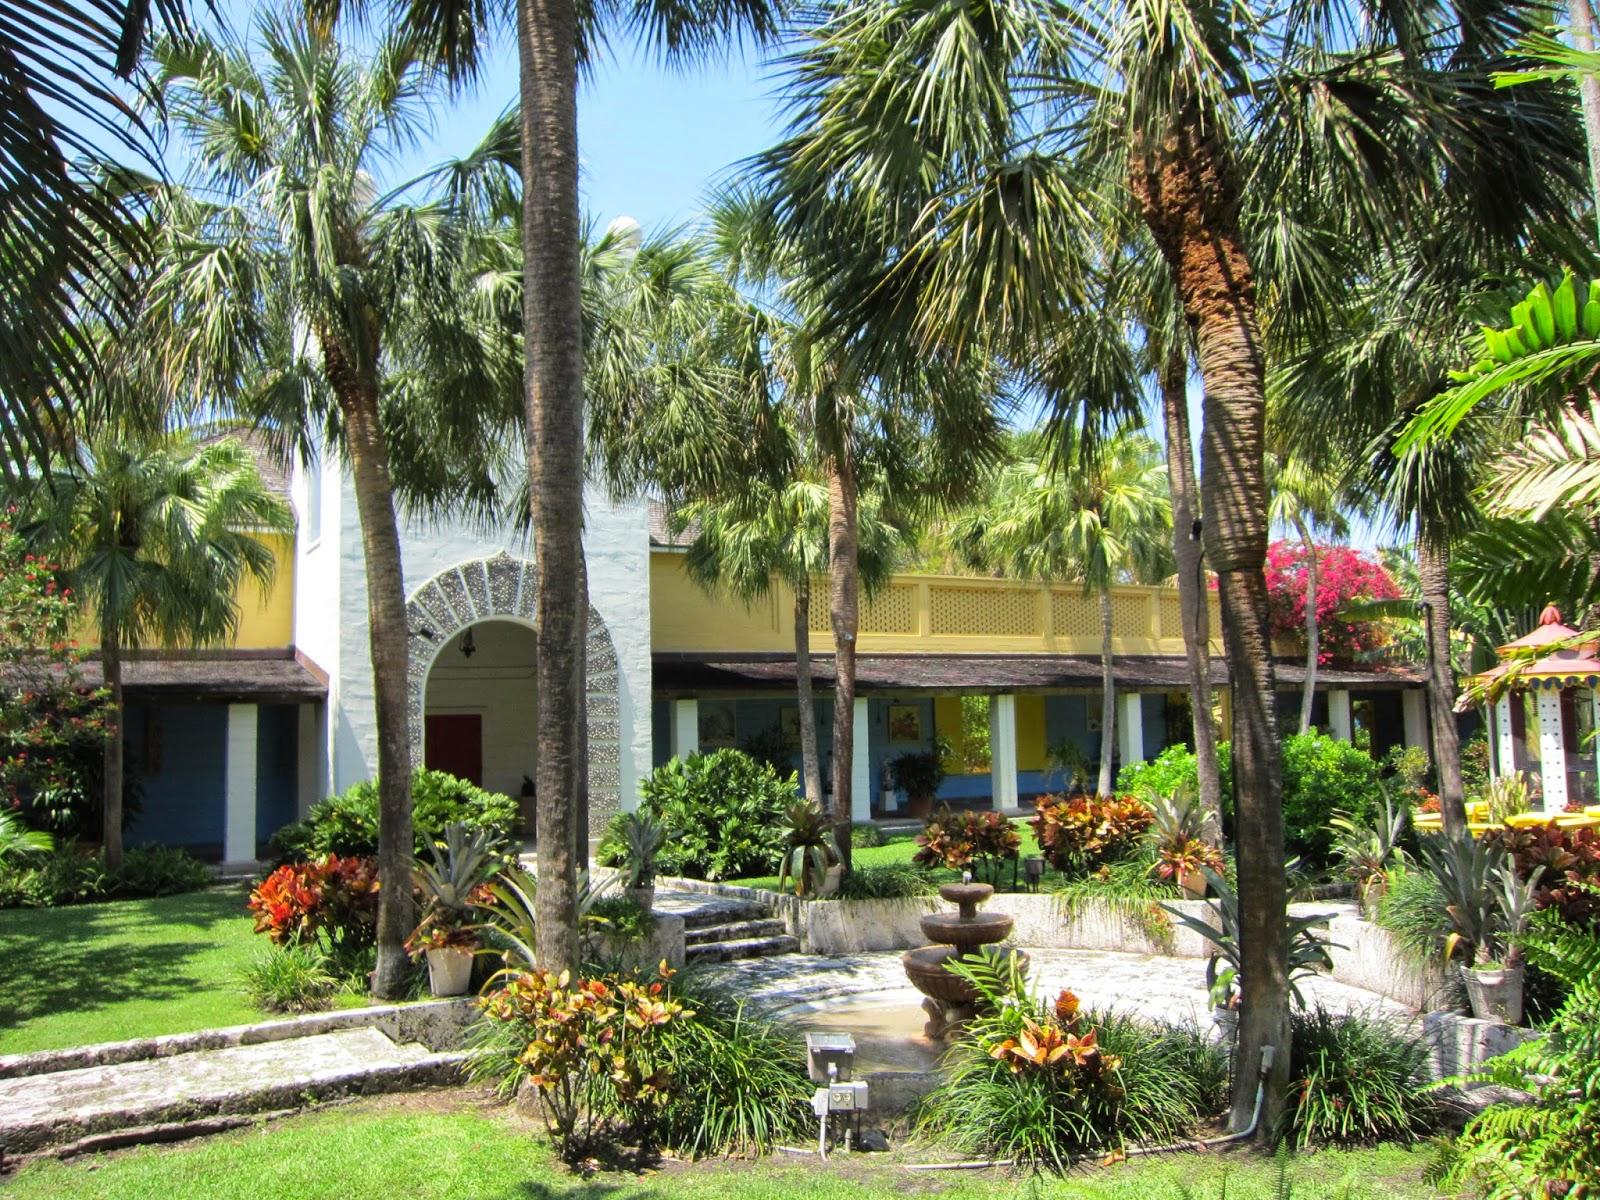 Bonnet House Museum & Gardens em Fort Lauderdake